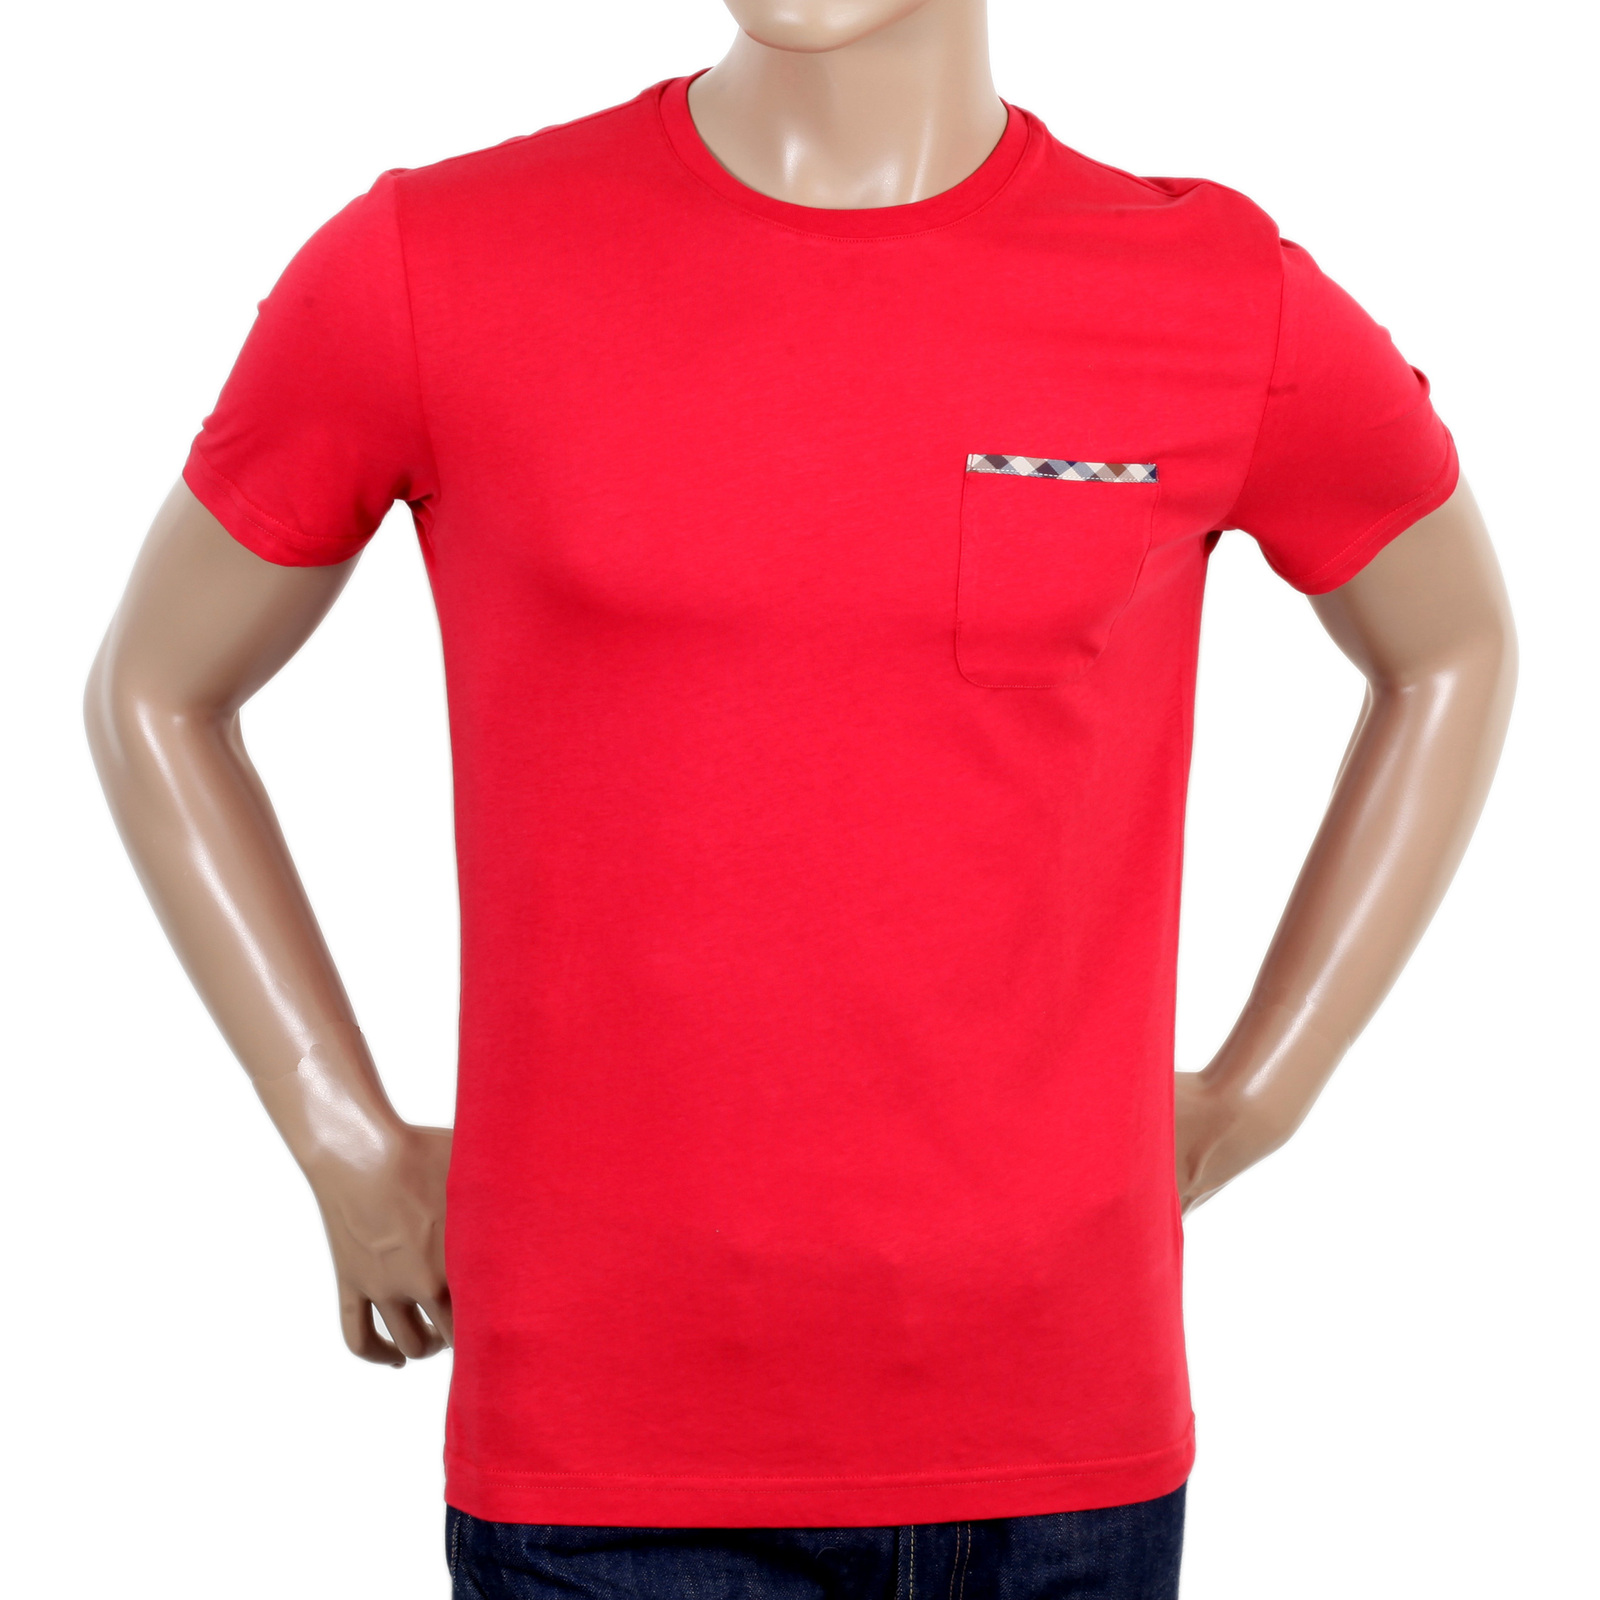 Aquascutum Mens Red Crew Neck t shirt AQUA4825